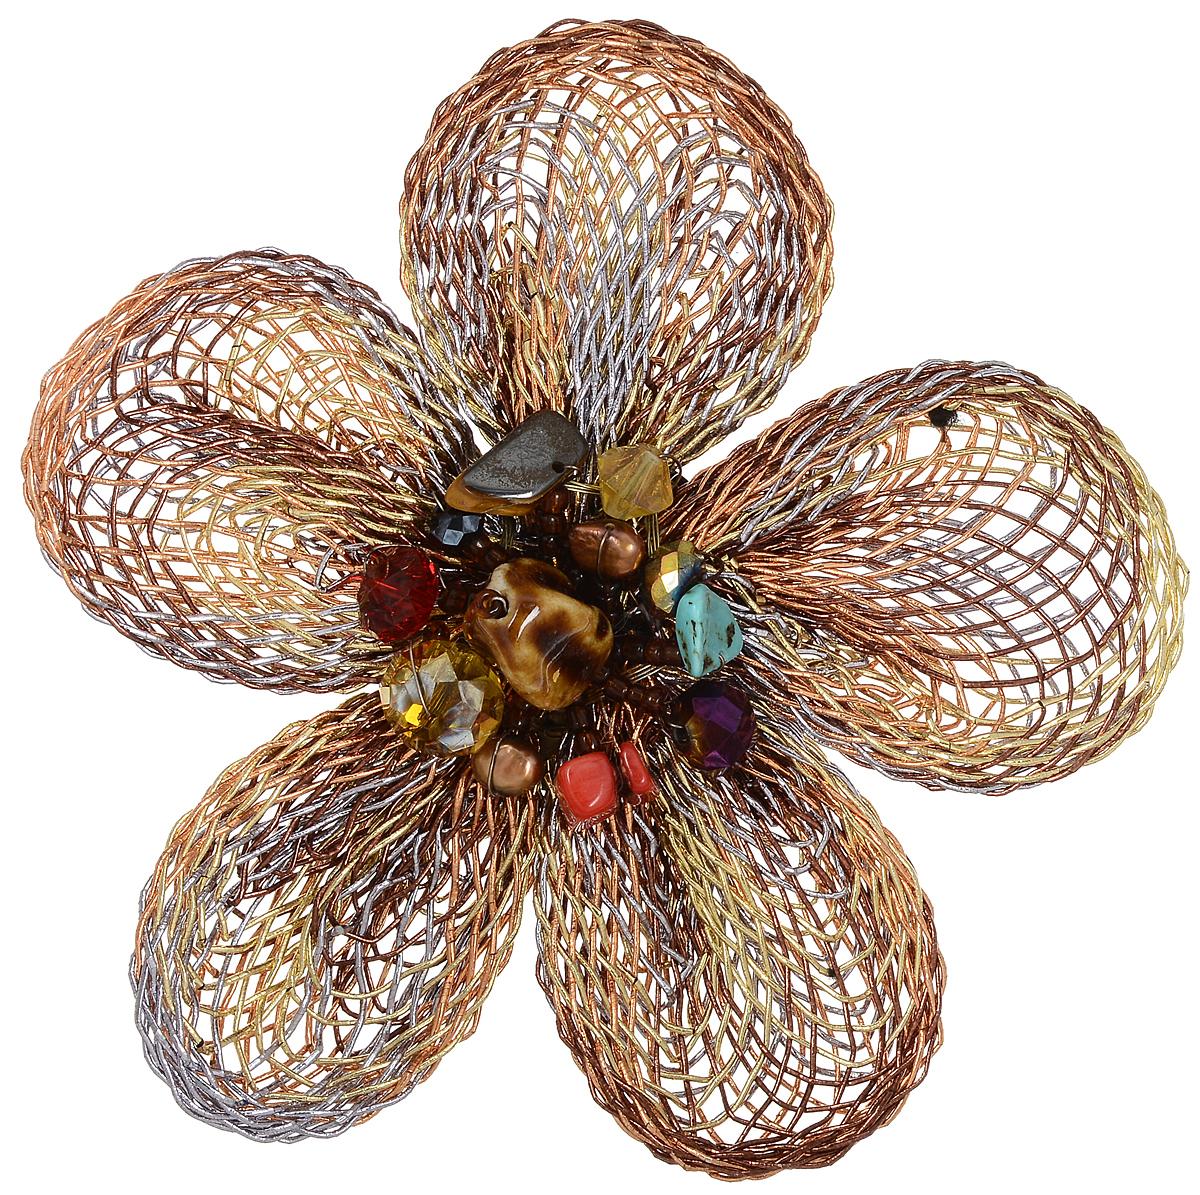 Брошь Taya, цвет: мультиколор. T-B-6809T-B-6809-BROOCH-MULTIСтильная брошь Taya выполнена в виде цветка из текстильных шнуров, центральная часть которого оформлена стеклянными бусинами разных размеров и форм. Изделие застегивается на английскую булавку. Брошь Taya блестяще подчеркнет изящество, женственность и красоту своей обладательницы.